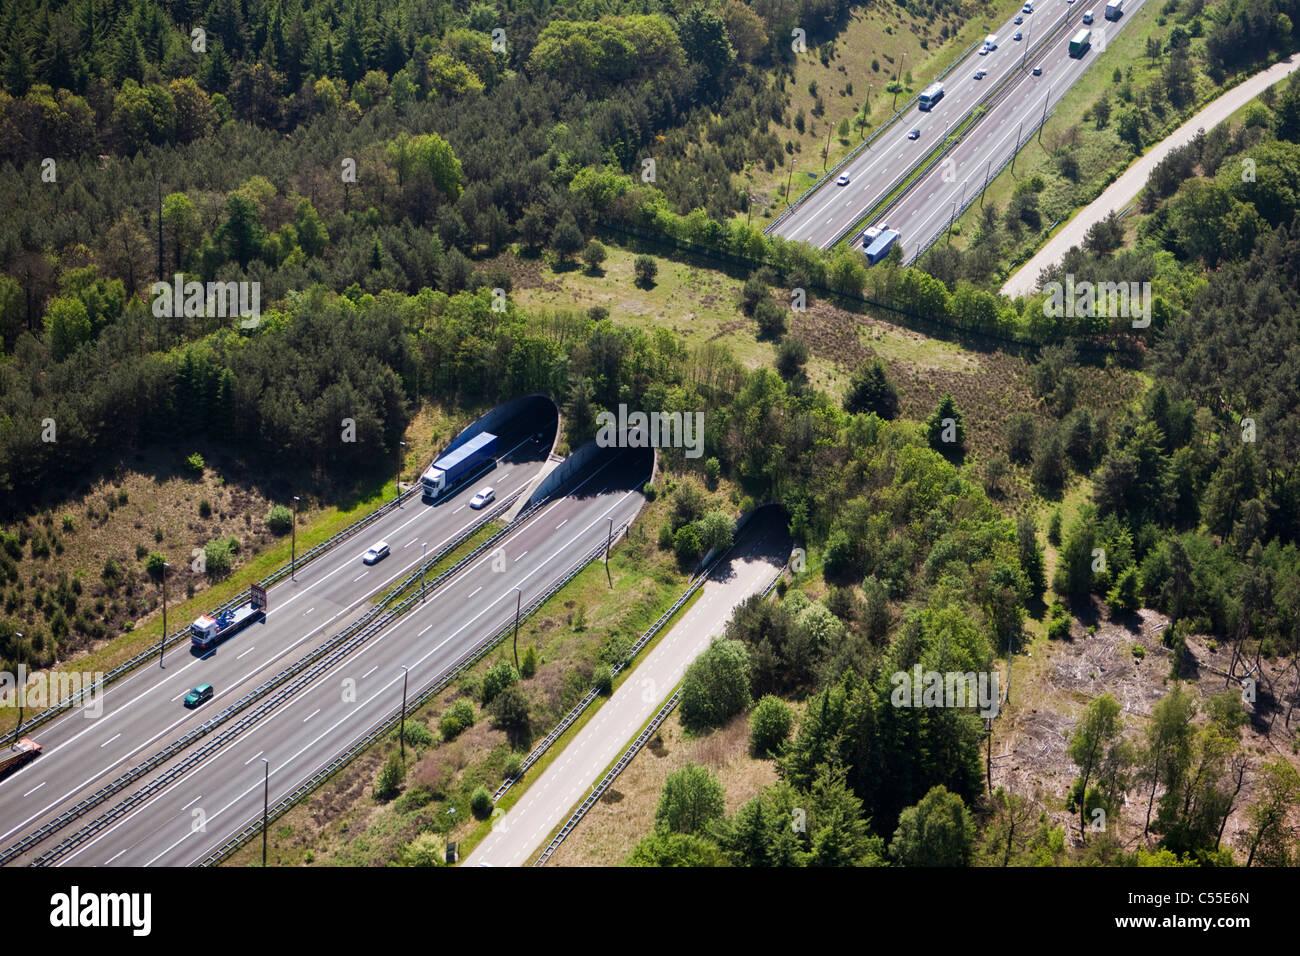 Die Niederlande, Noordwijk, Autobahn oder Landstraße und eco Crossover für Fauna. Ecoduct. Antenne. Stockbild